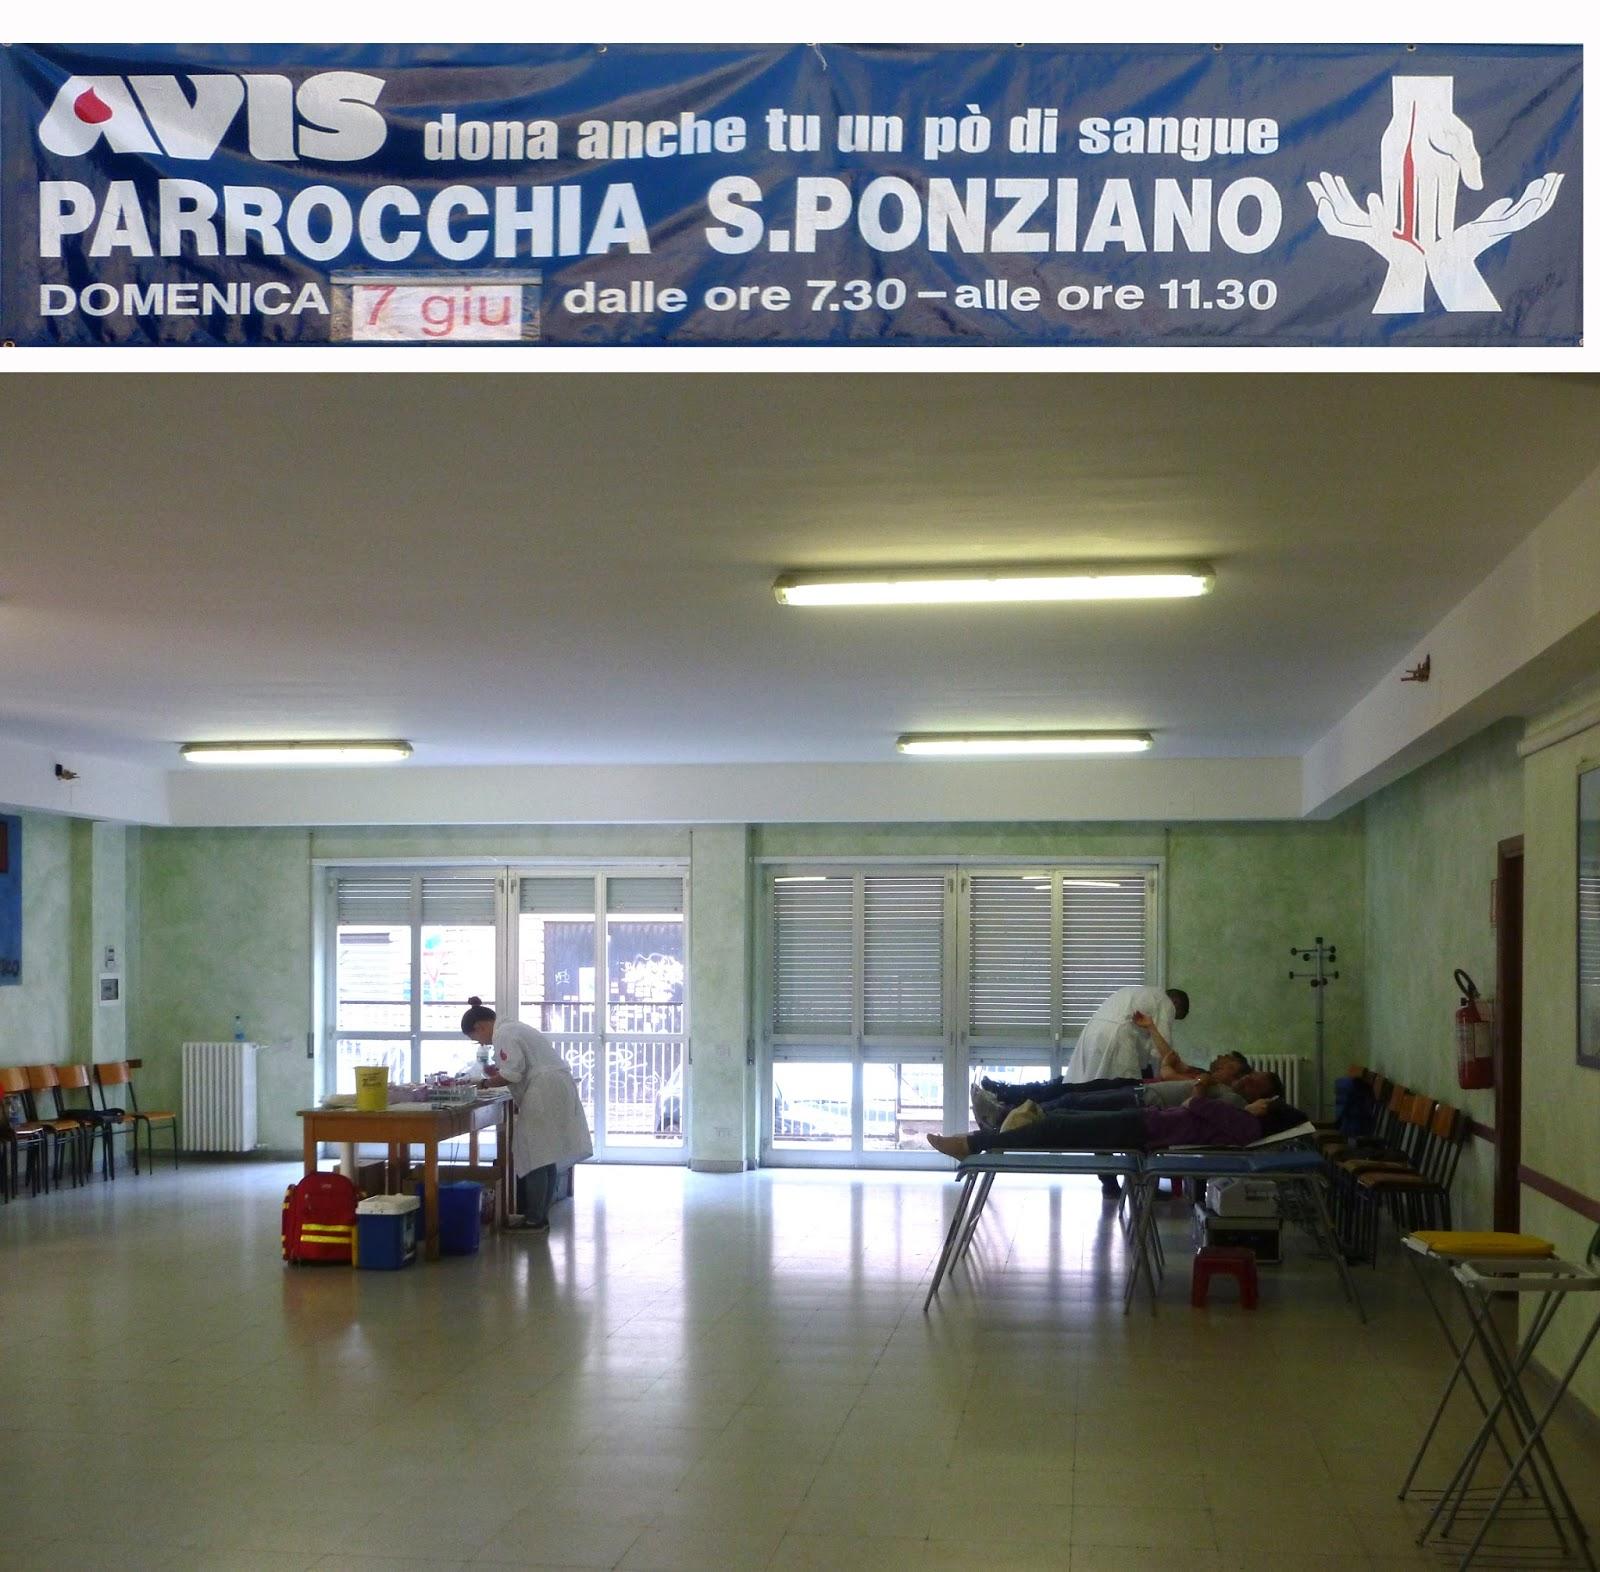 Tg roma talenti grande successo ieri domenica 7 giugno - Un importante organizzazione con sede al cairo ...